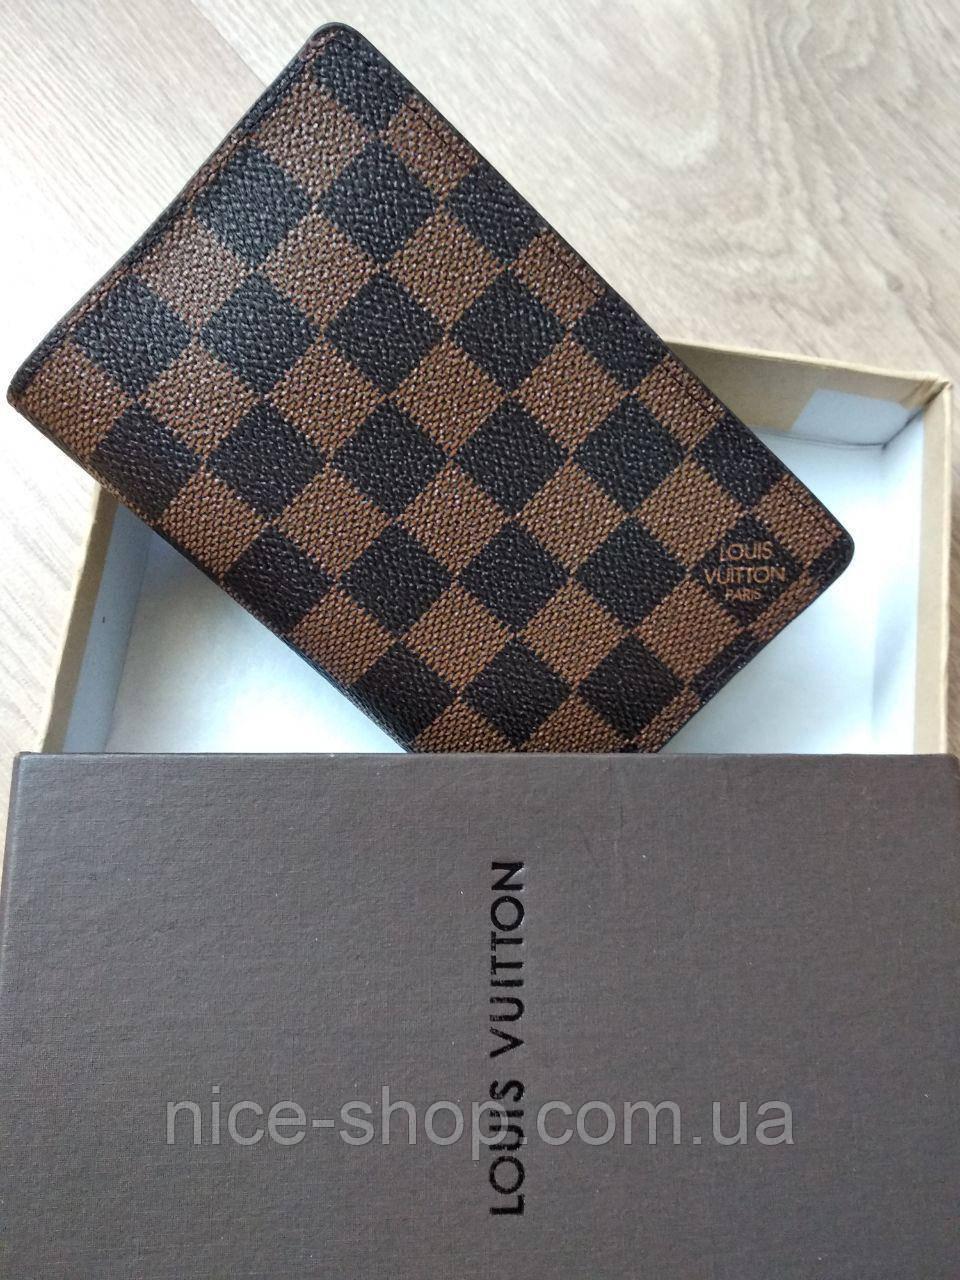 Обложка для паспорта  Louis Vuitton в коробке